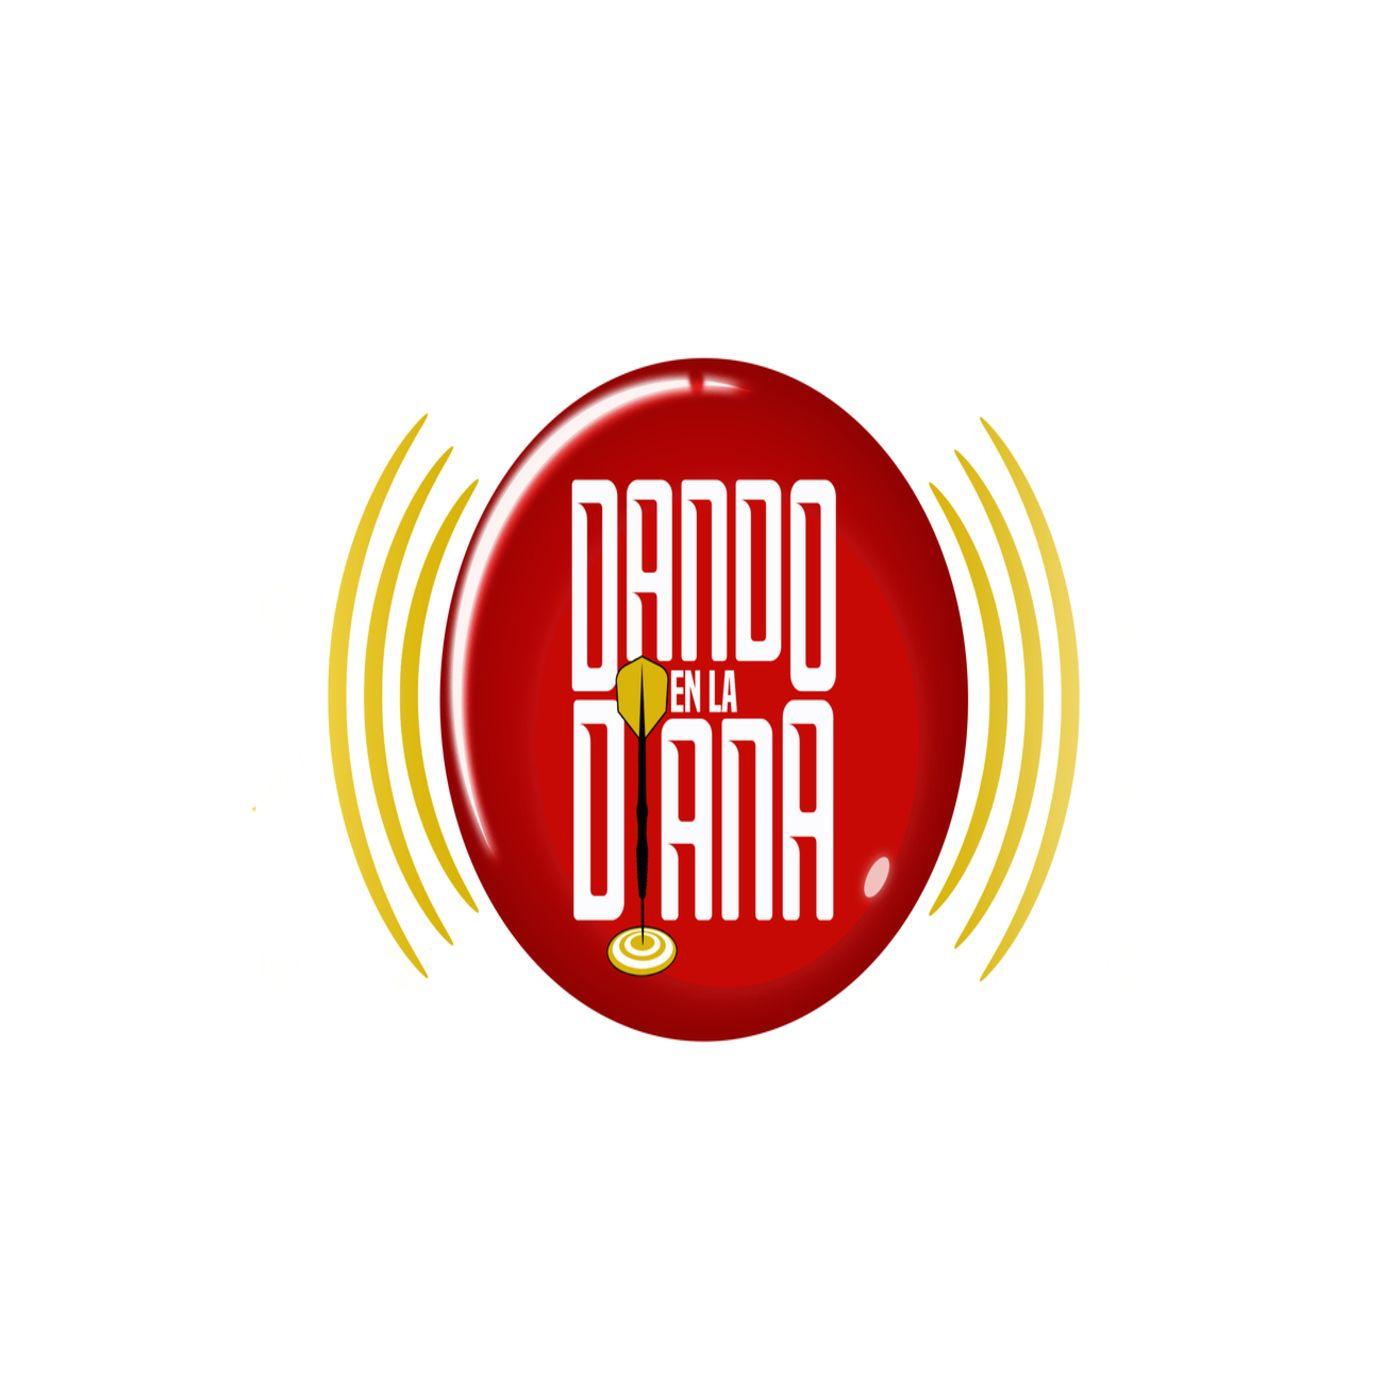 Dando en la Diana - Episodio 72 - 8 Diciembre 2020 - Raquel Quezada